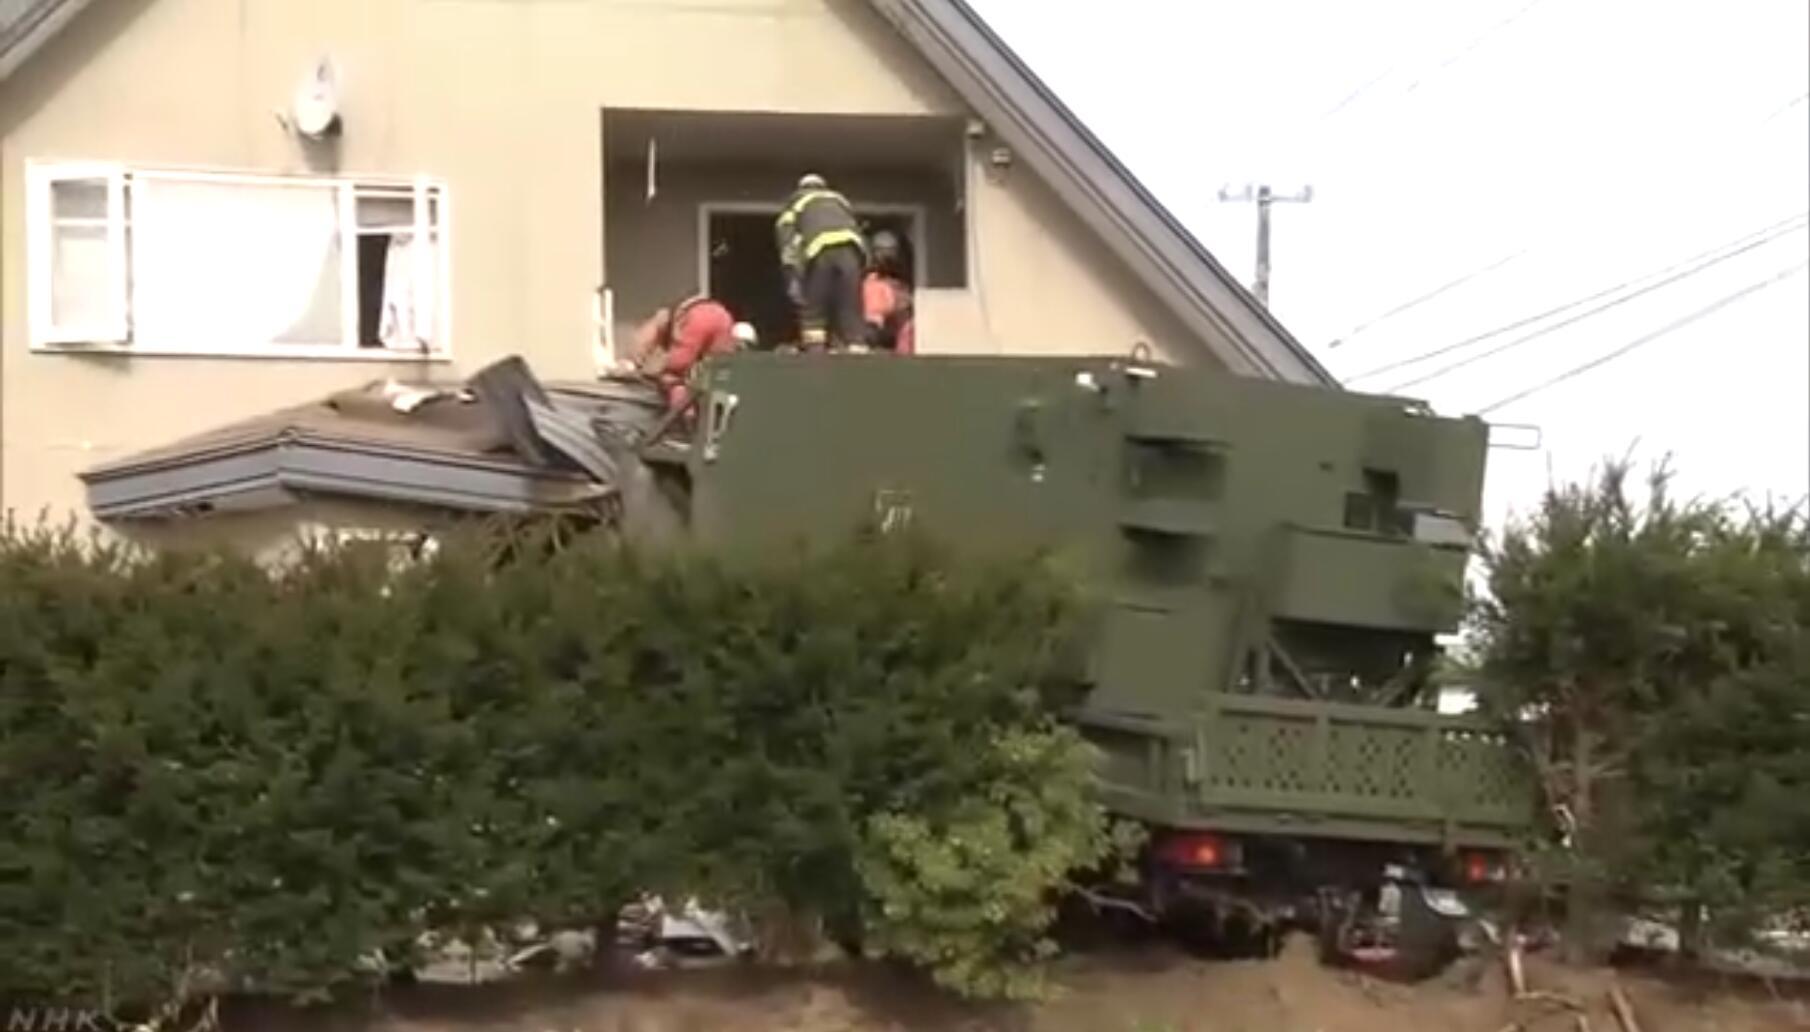 日本自卫队出车祸 所涉车辆上装有反导系统装备